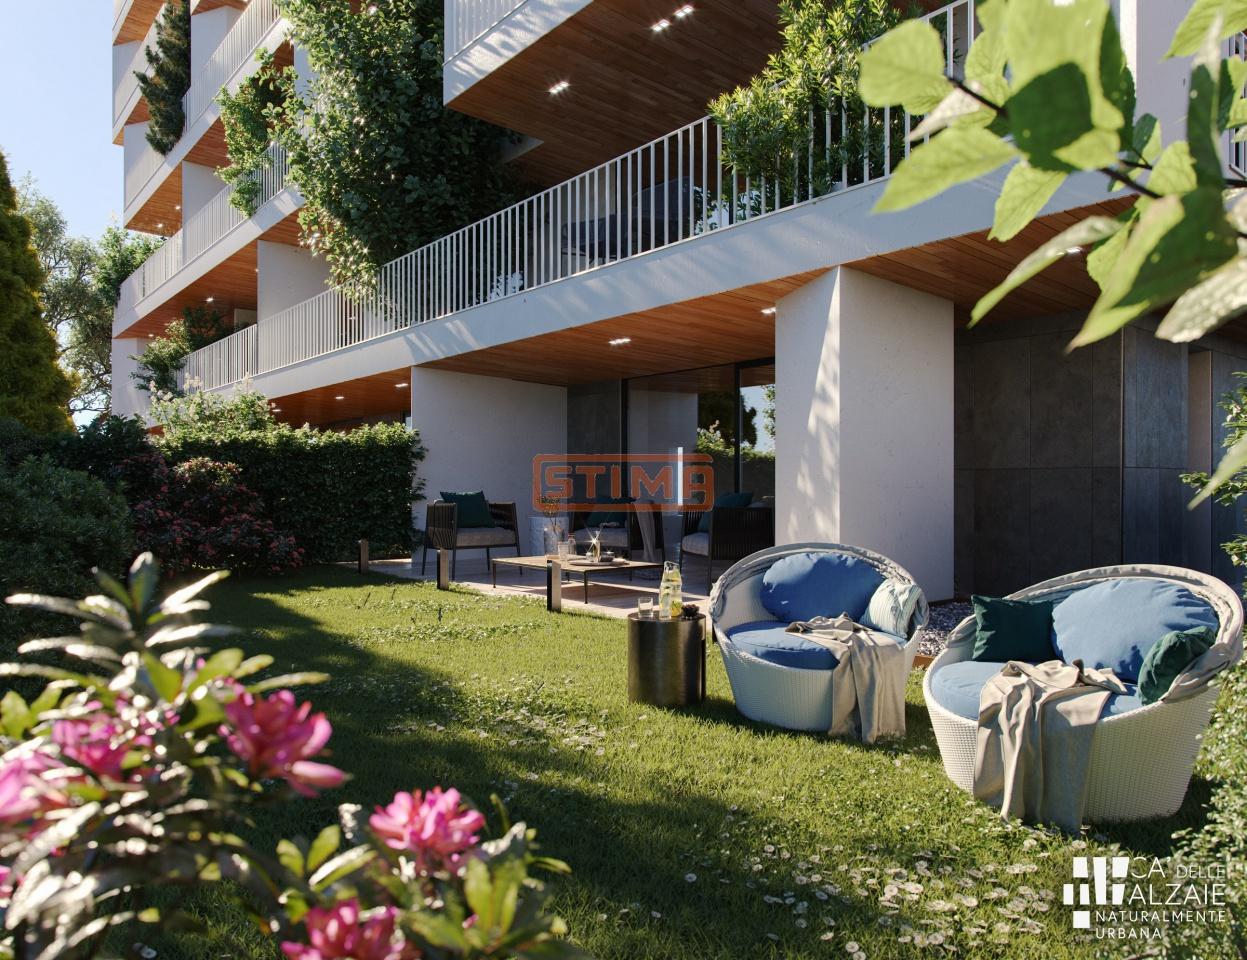 Appartamento in vendita a Treviso, 3 locali, prezzo € 430.000 | PortaleAgenzieImmobiliari.it